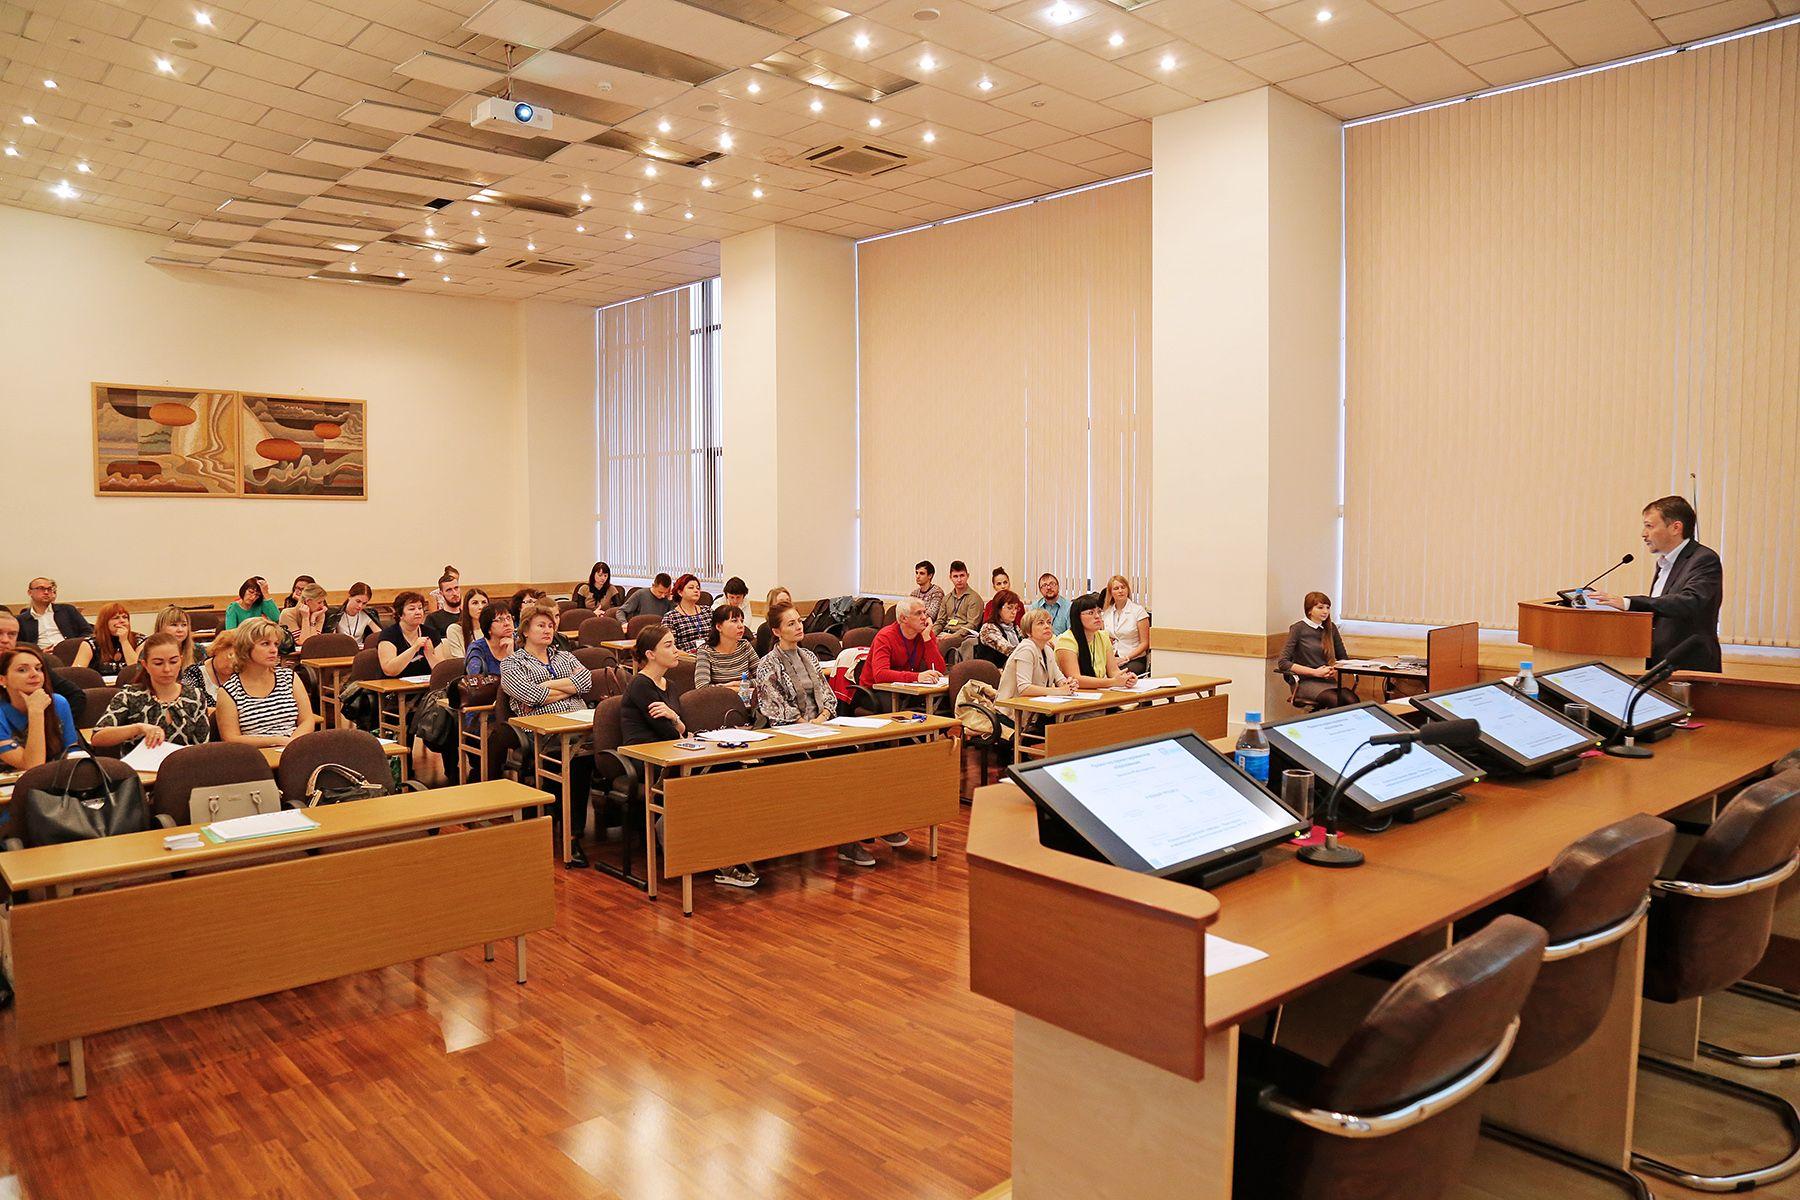 Проектная деятельность ВГУЭС: сотрудничество университета и бизнеса